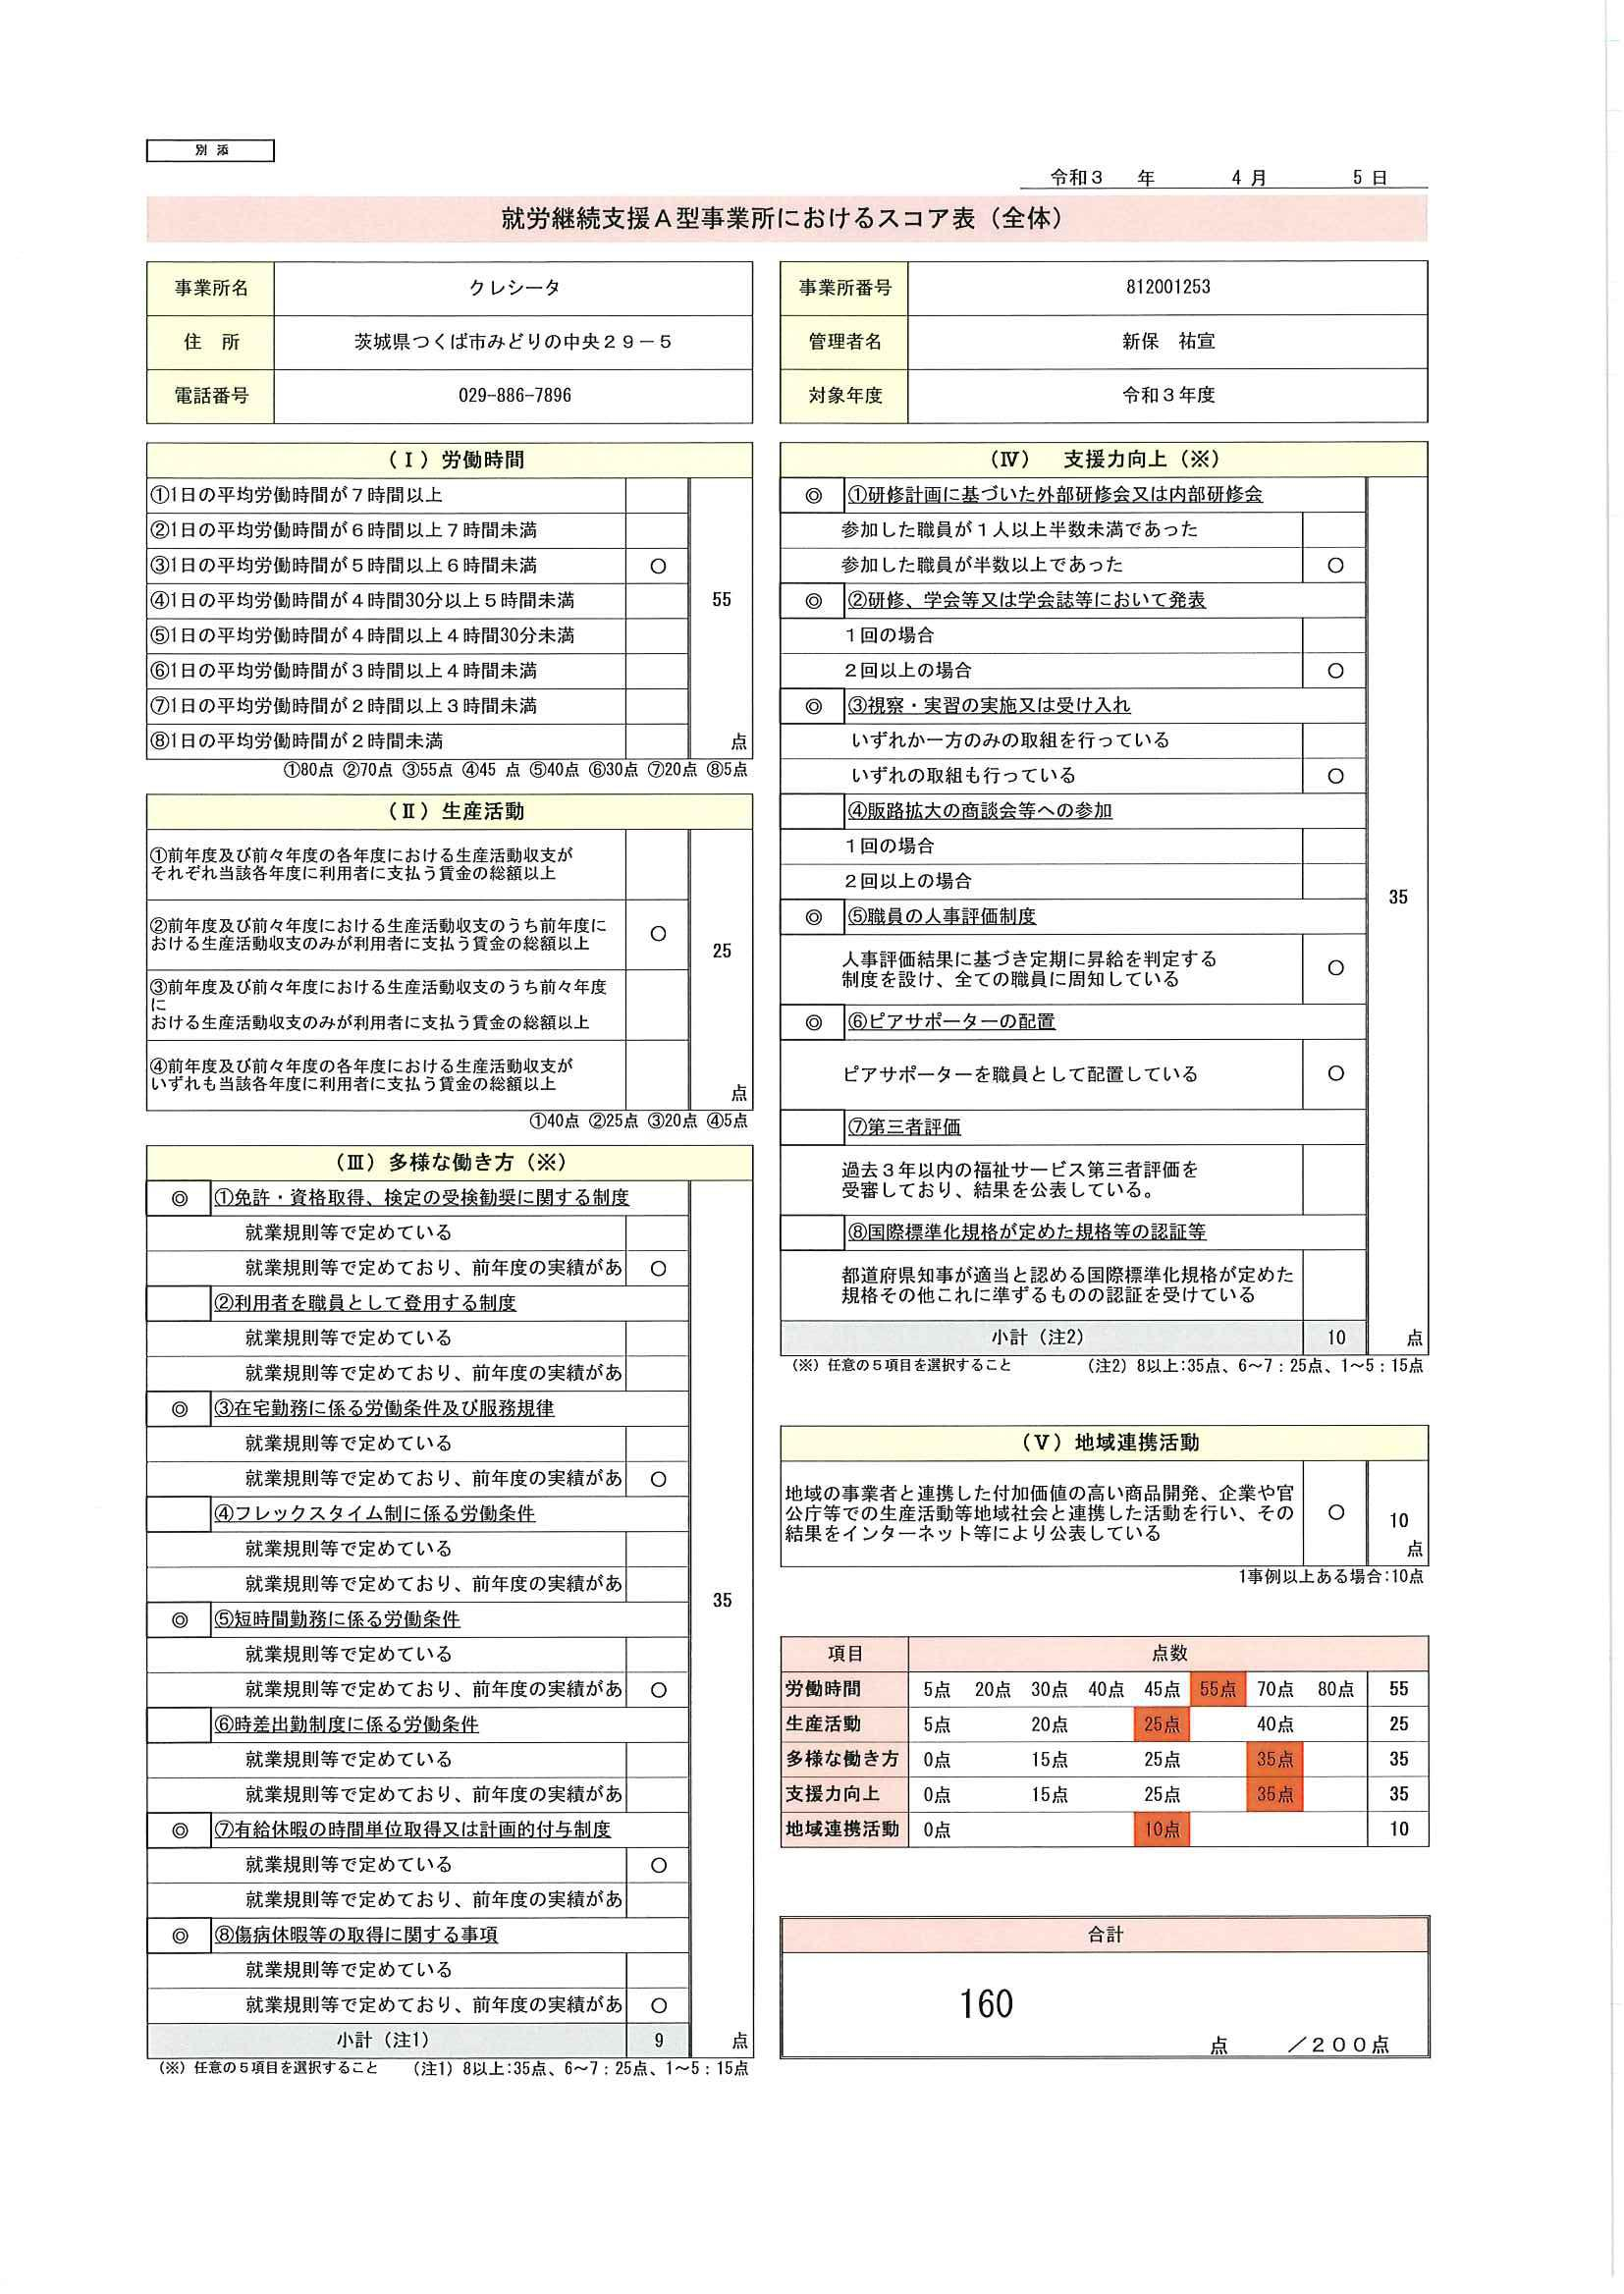 就労継続支援A型におけるスコア表の公表page-visual 就労継続支援A型におけるスコア表の公表ビジュアル